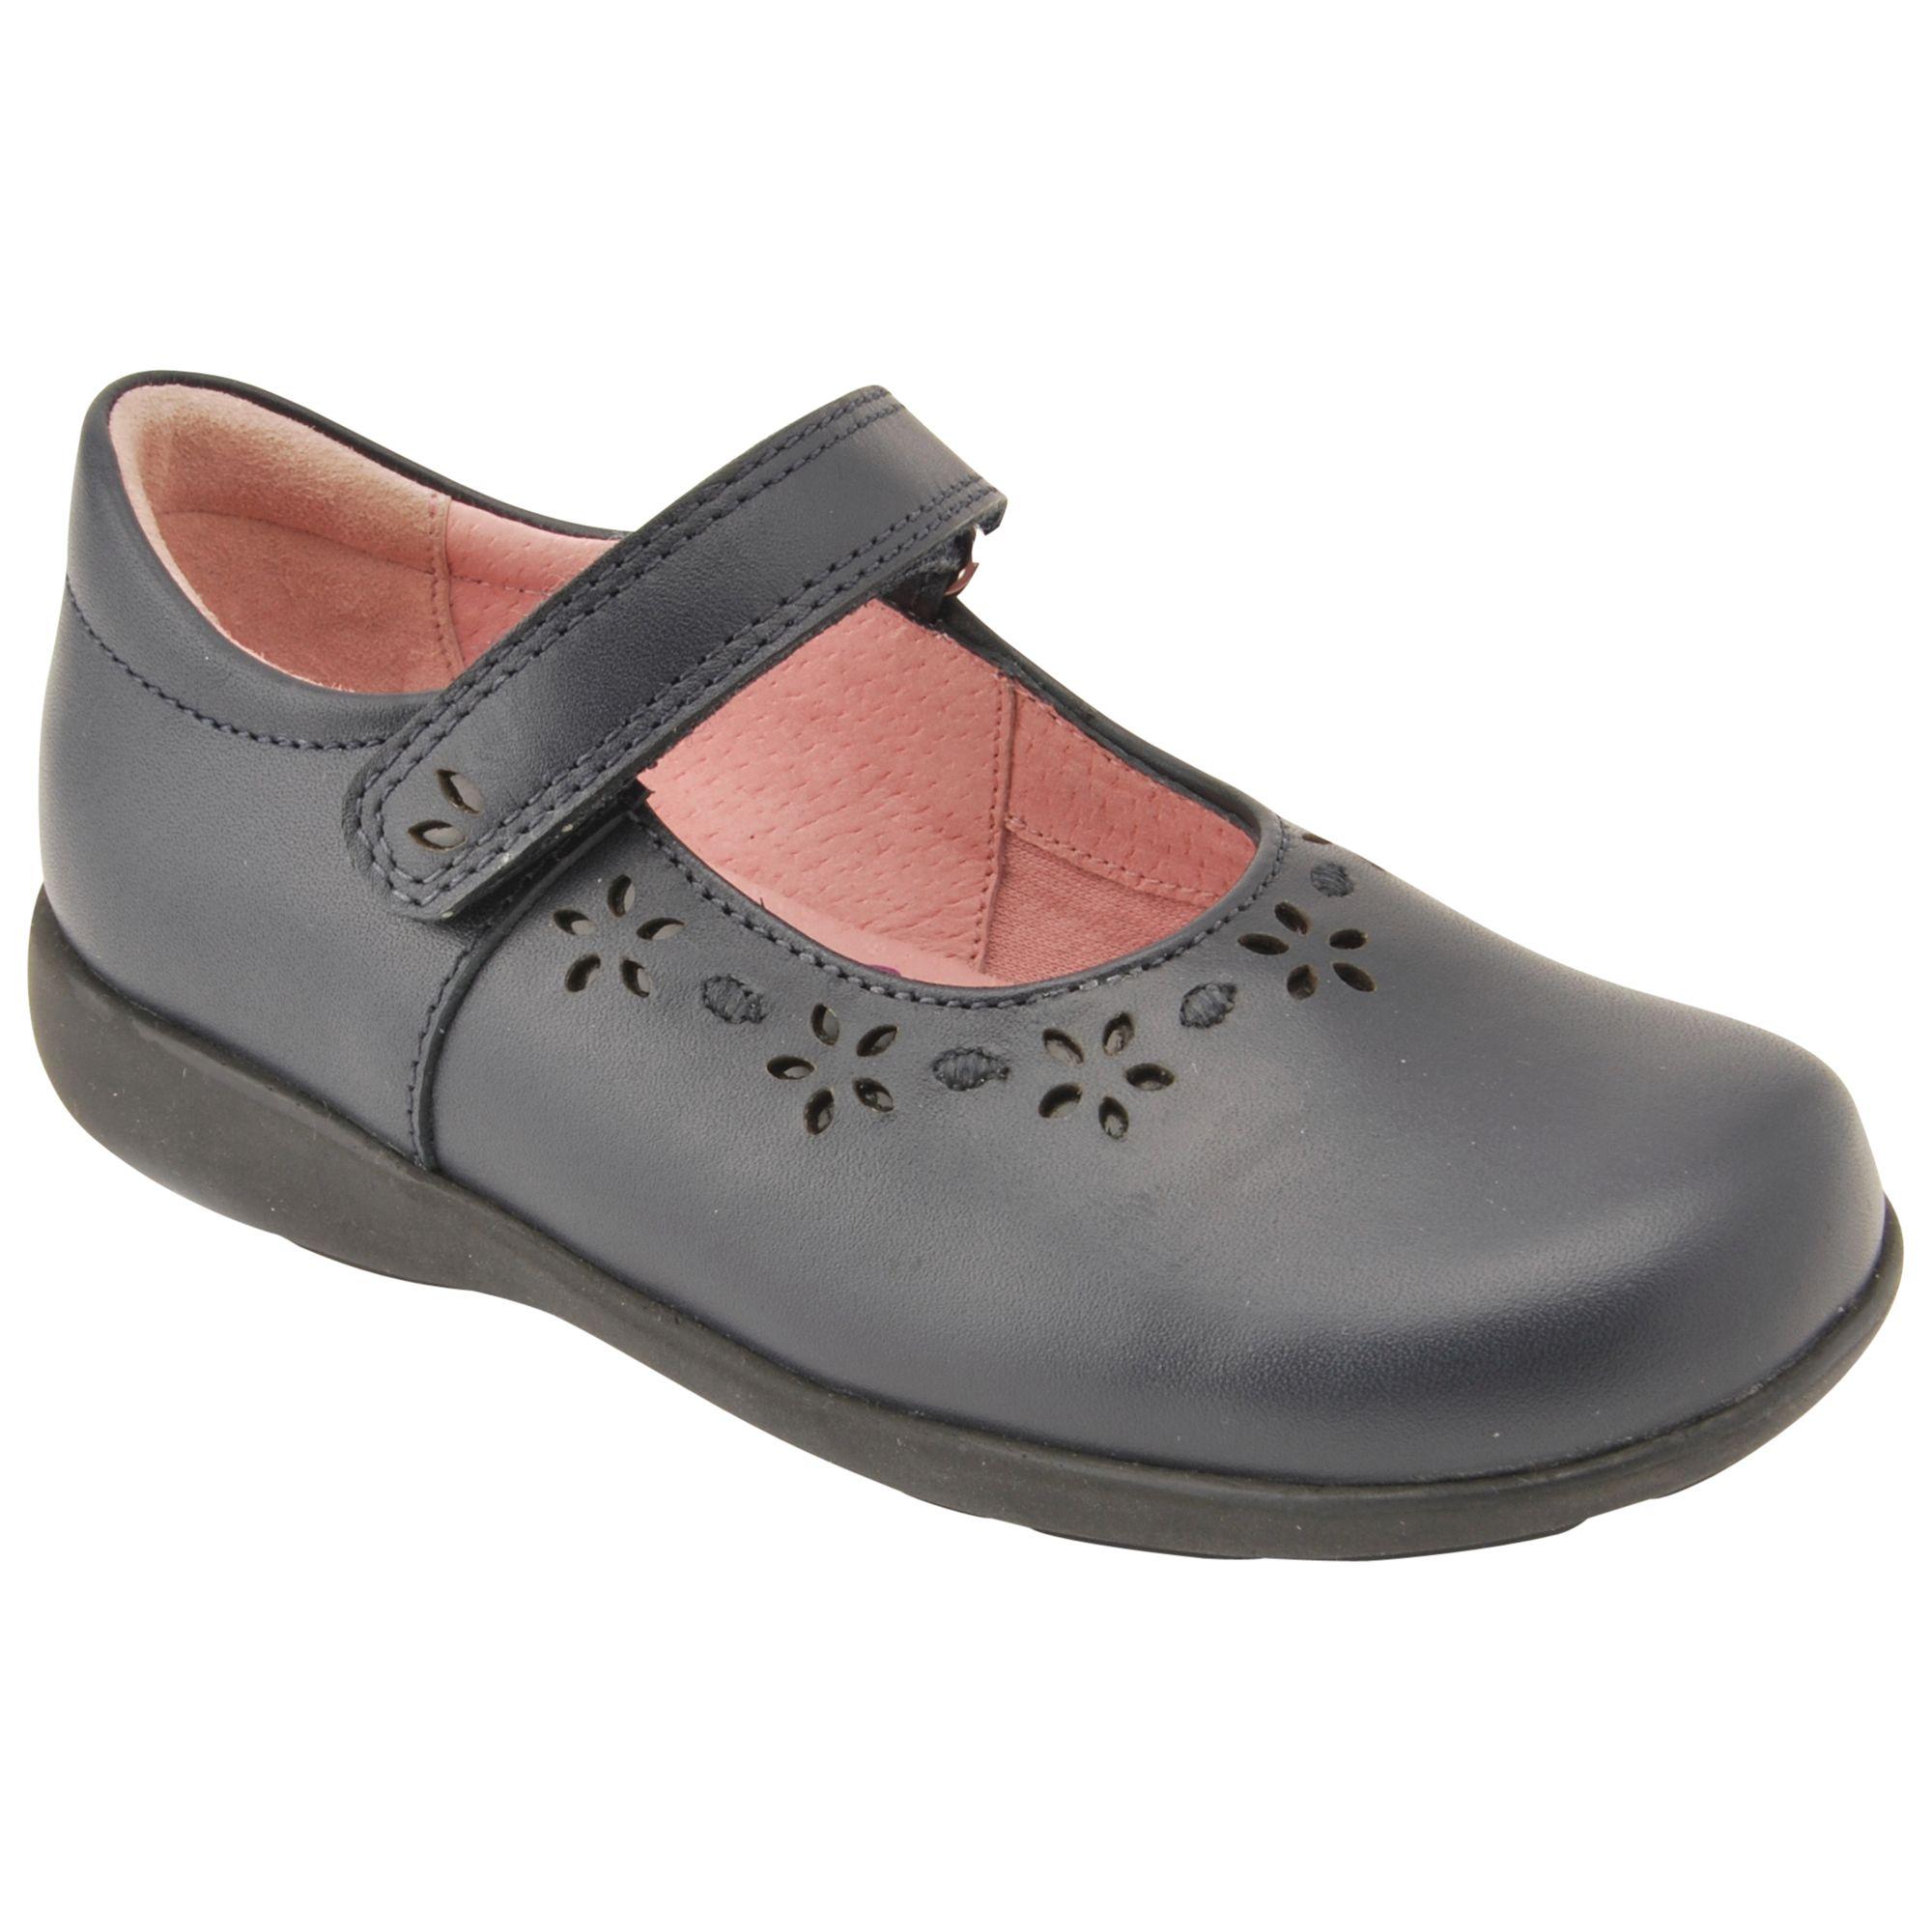 Start-Rite Start-Rite Emily Infant Mary Jane Shoes, Navy